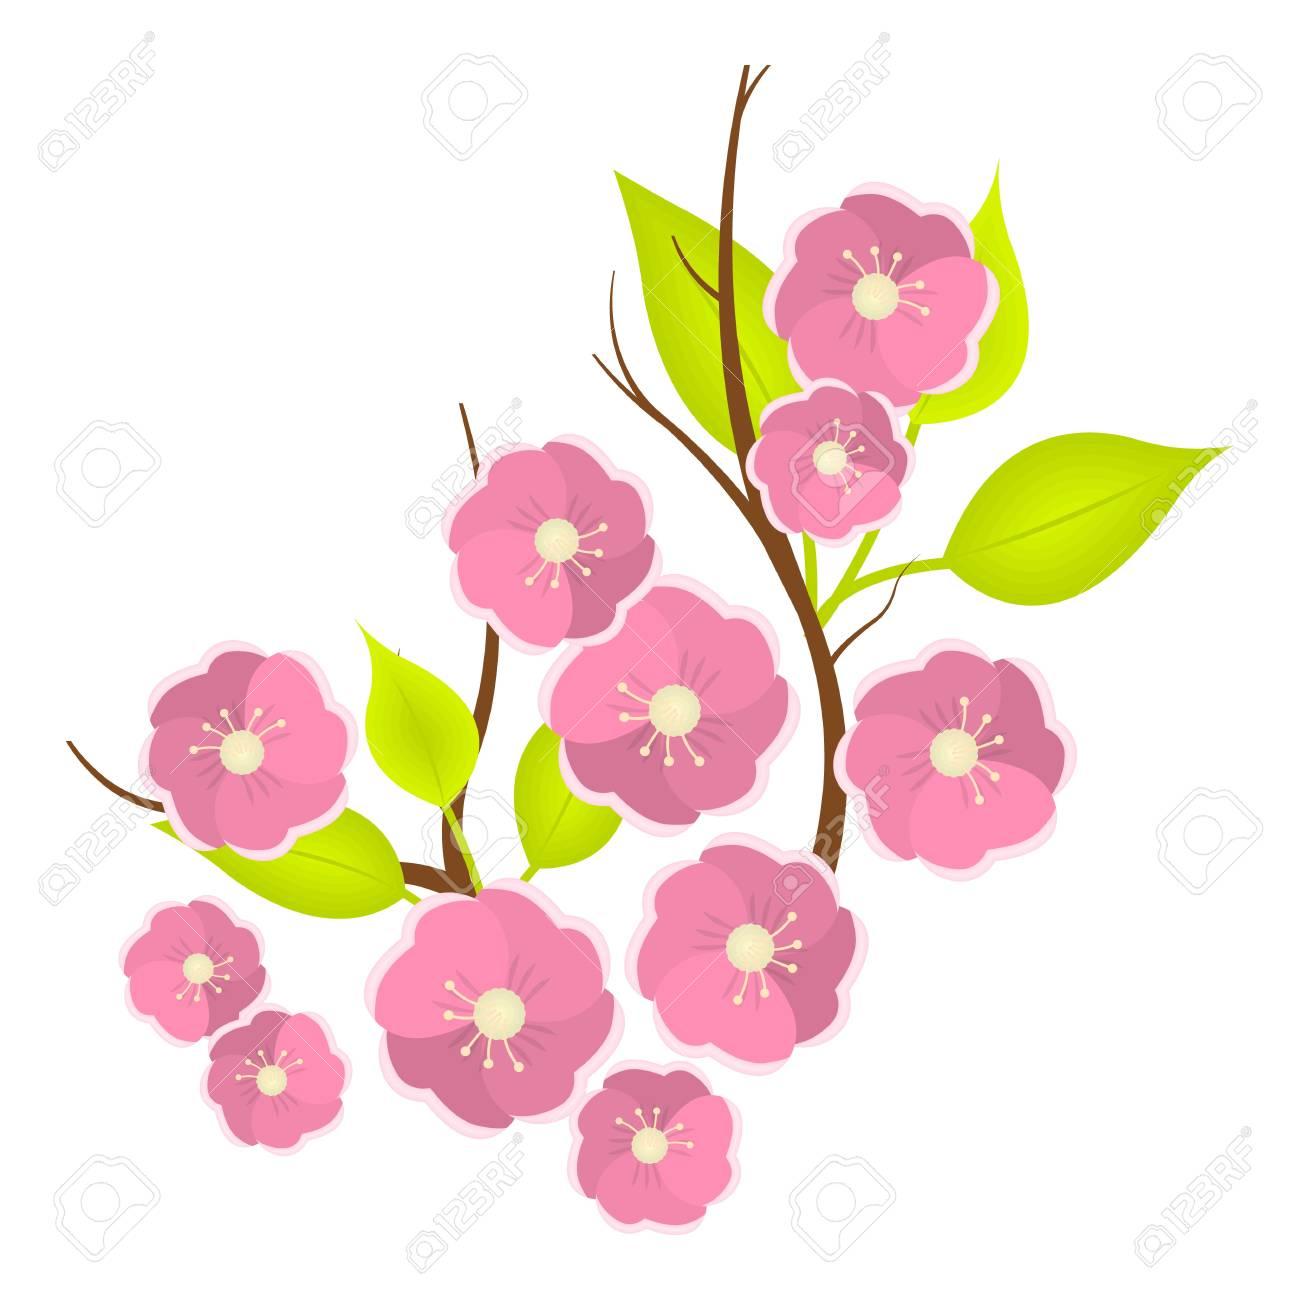 Sakura flowers icon in cartoon style isolated on white background sakura flowers icon in cartoon style isolated on white background japan symbol vector illustration mightylinksfo Choice Image